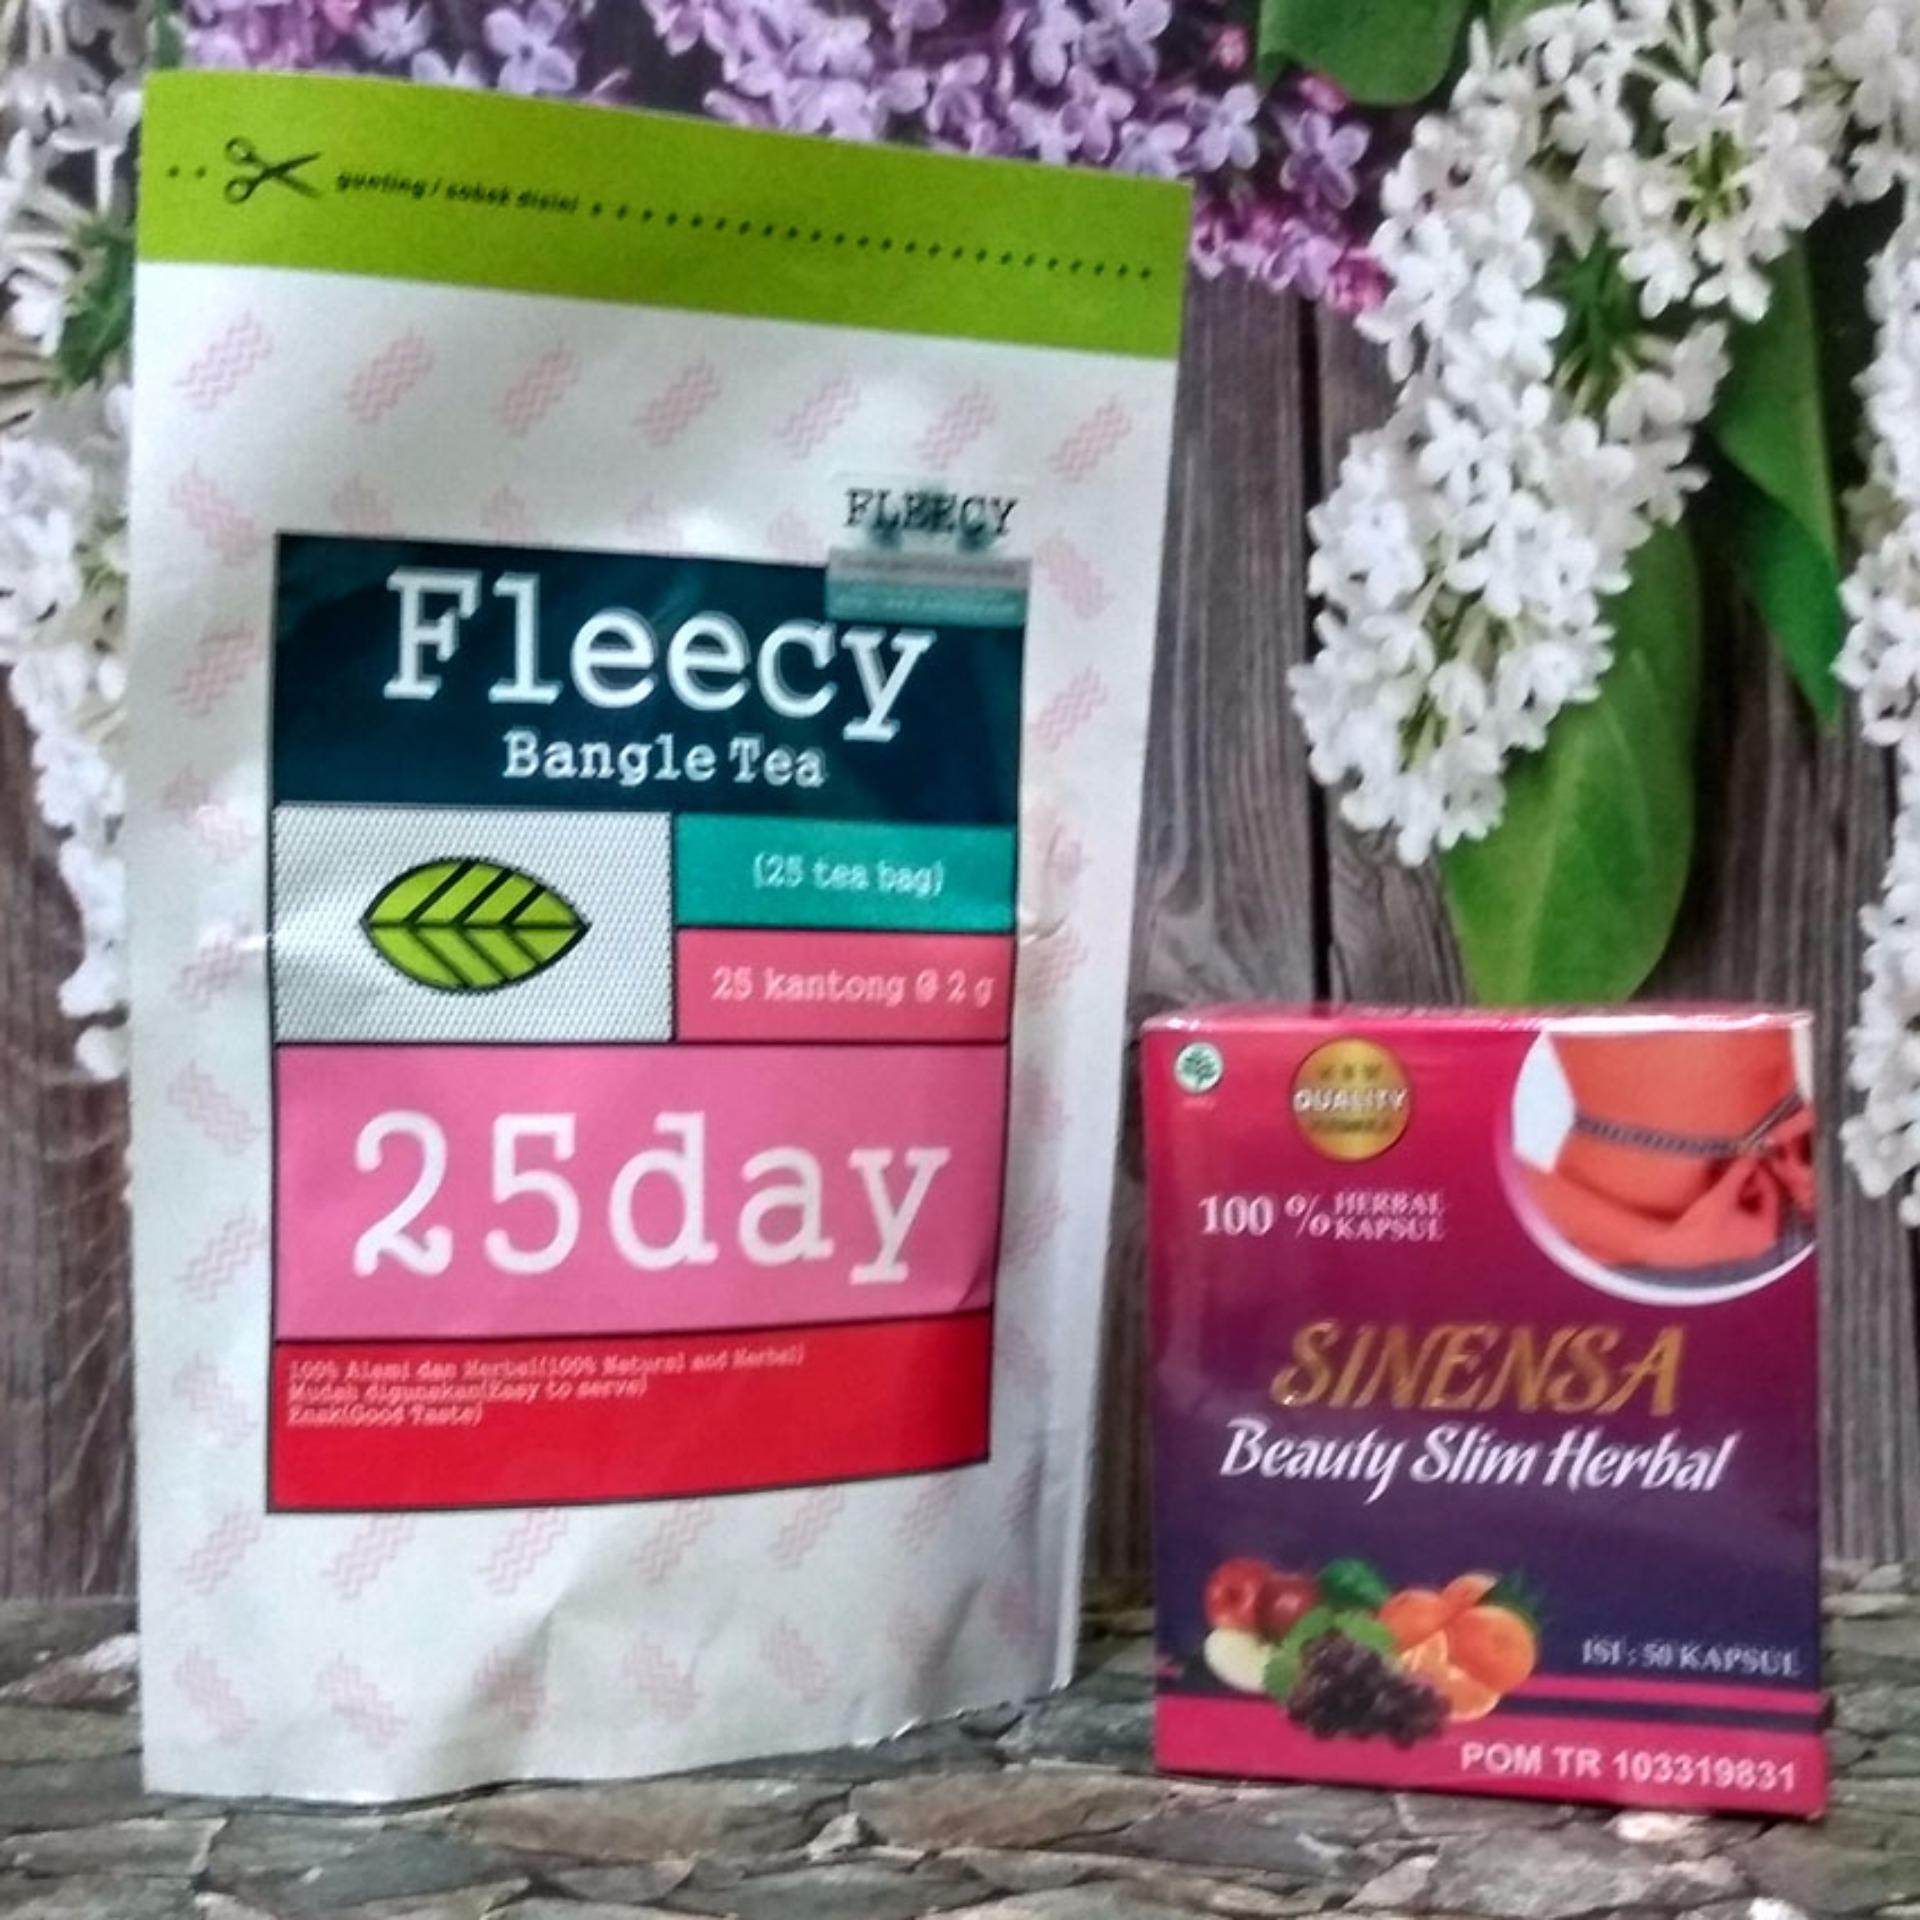 Belanja Terbaik Fleecy Bangle Tea Dan Sinensa Beauty Slim Berbal Obat Pelangsing Badan Original Flash Sale Paket